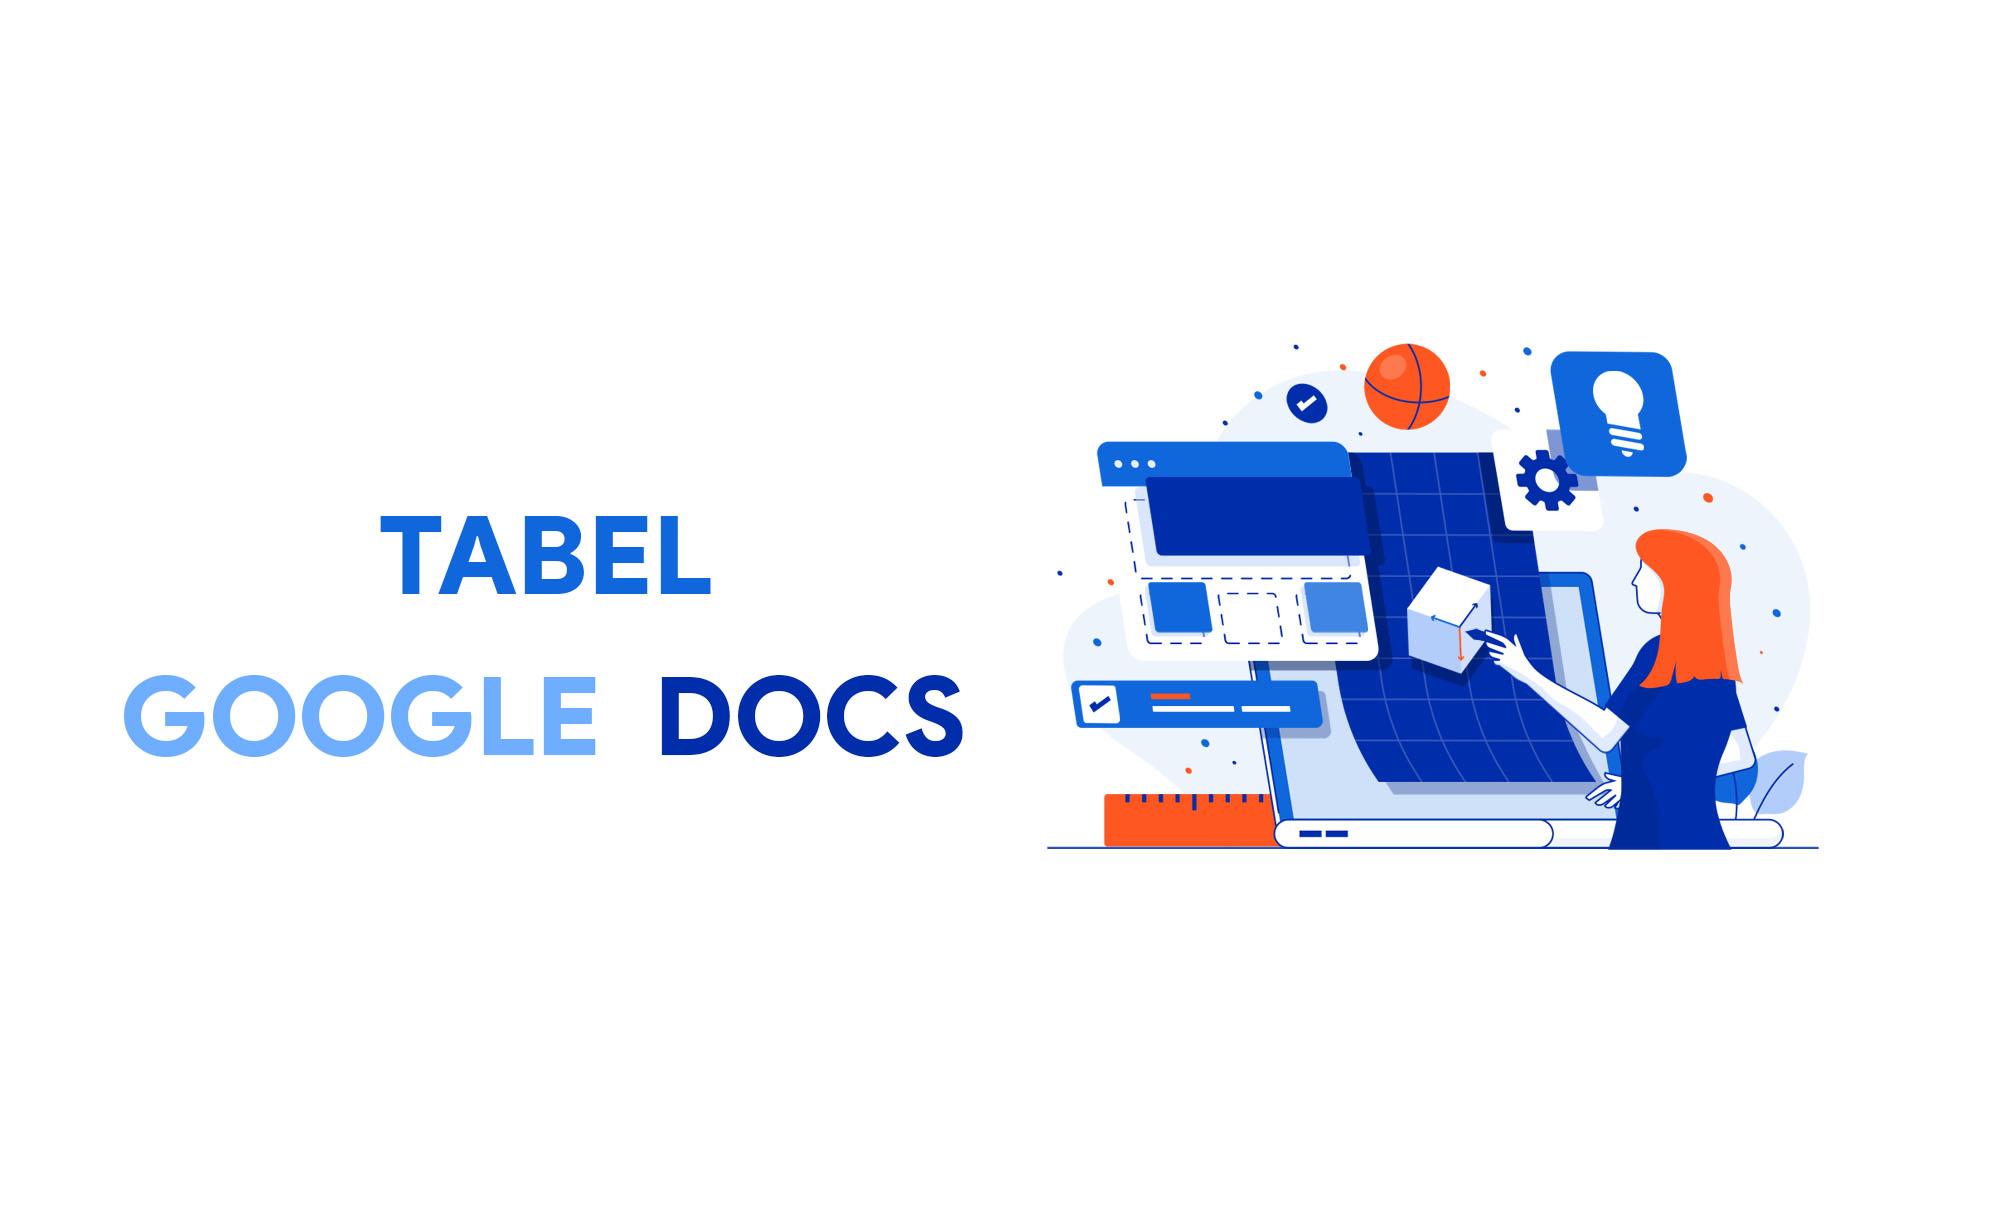 cara membuat tabel di google documents